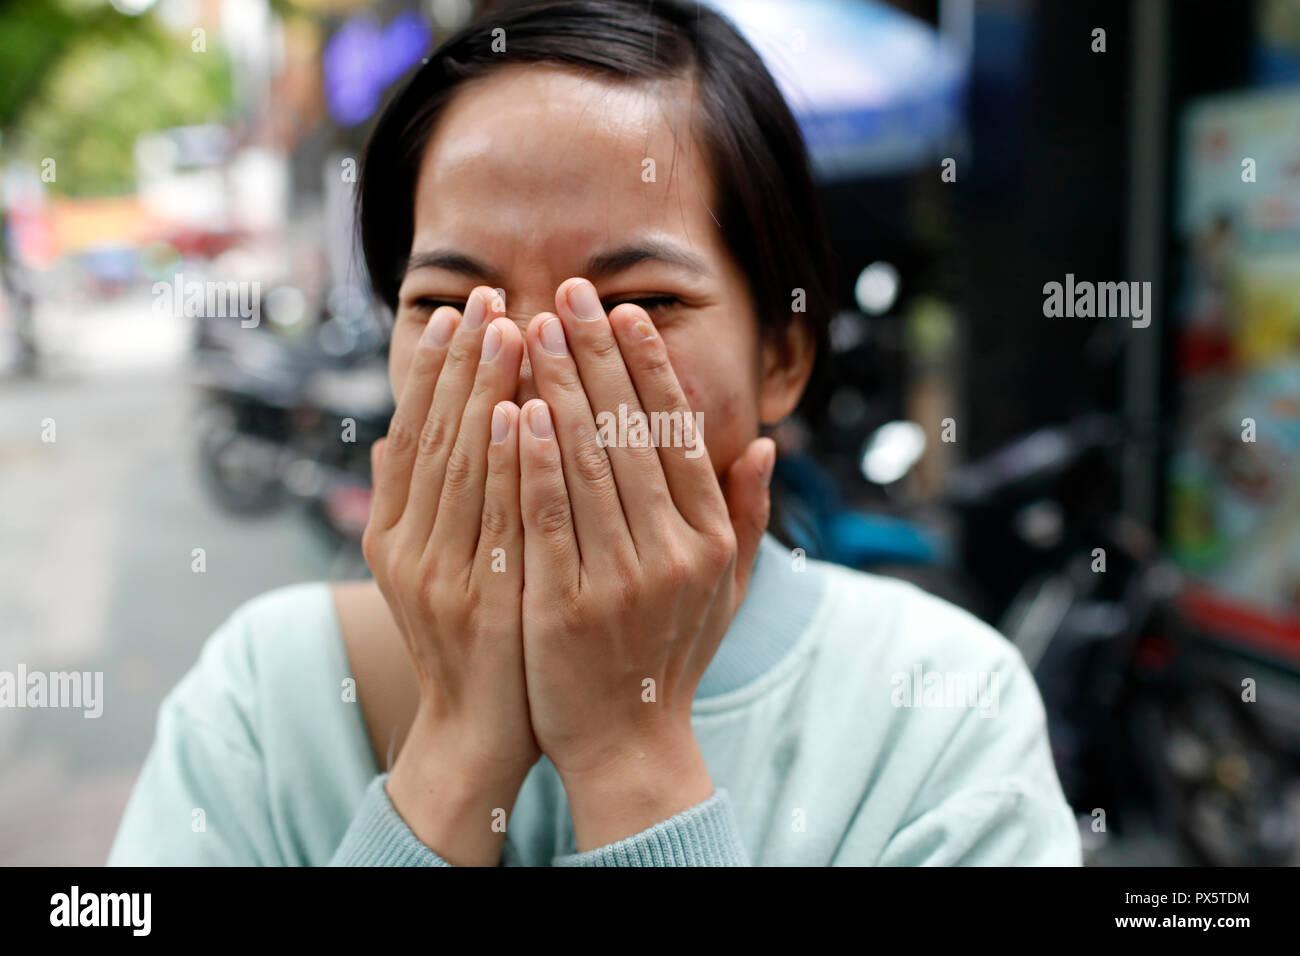 Femme timide. Ho Chi Minh Ville. Le Vietnam. Photo Stock